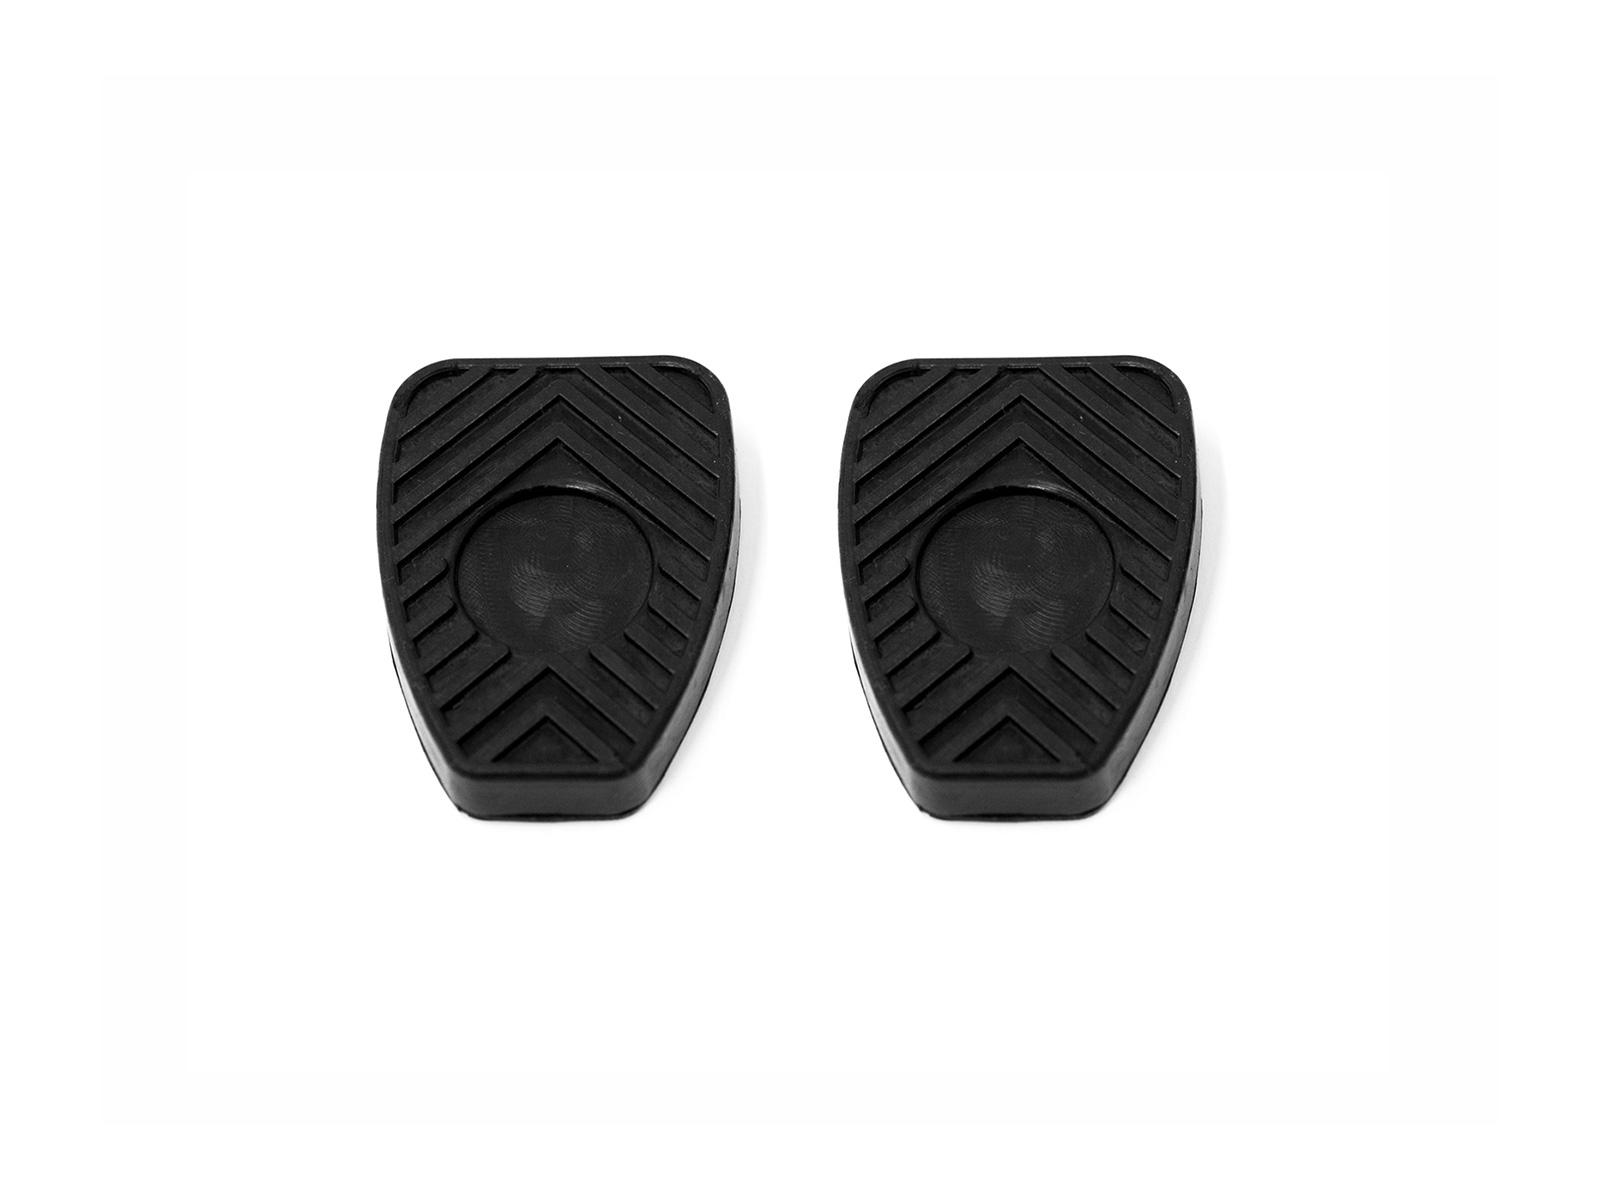 2x Pedalgummis für Porsche 356/911/F/G/964/993/914 Pedale